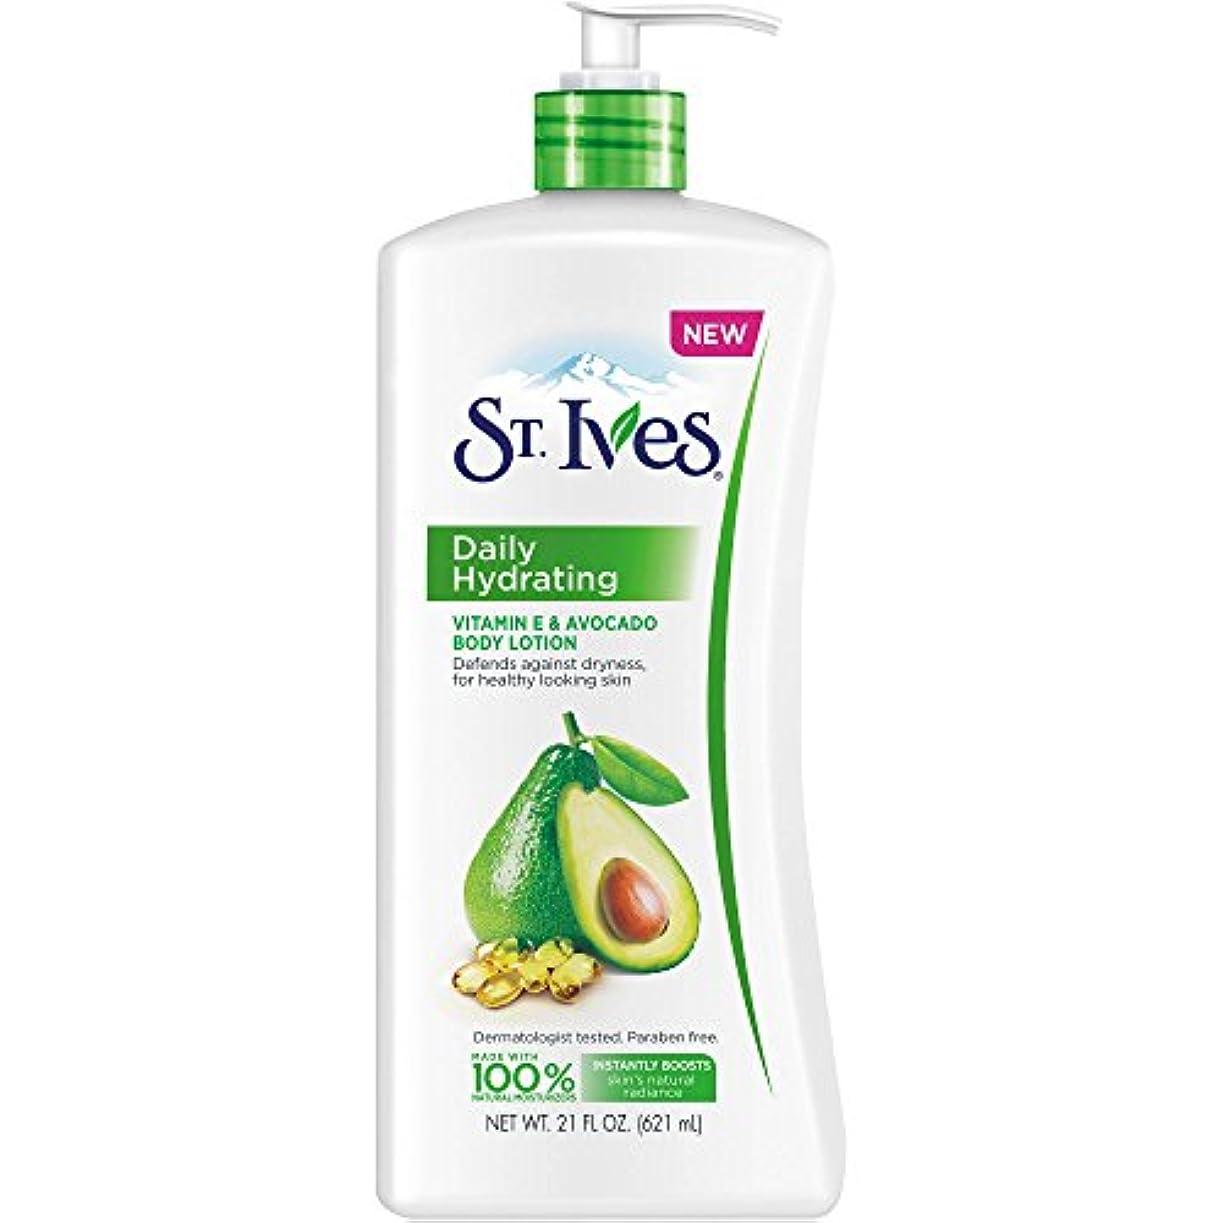 小屋満州スキニーSt. Ives Daily Hydrating Vitamin E and Avocado Body Lotion [並行輸入品]